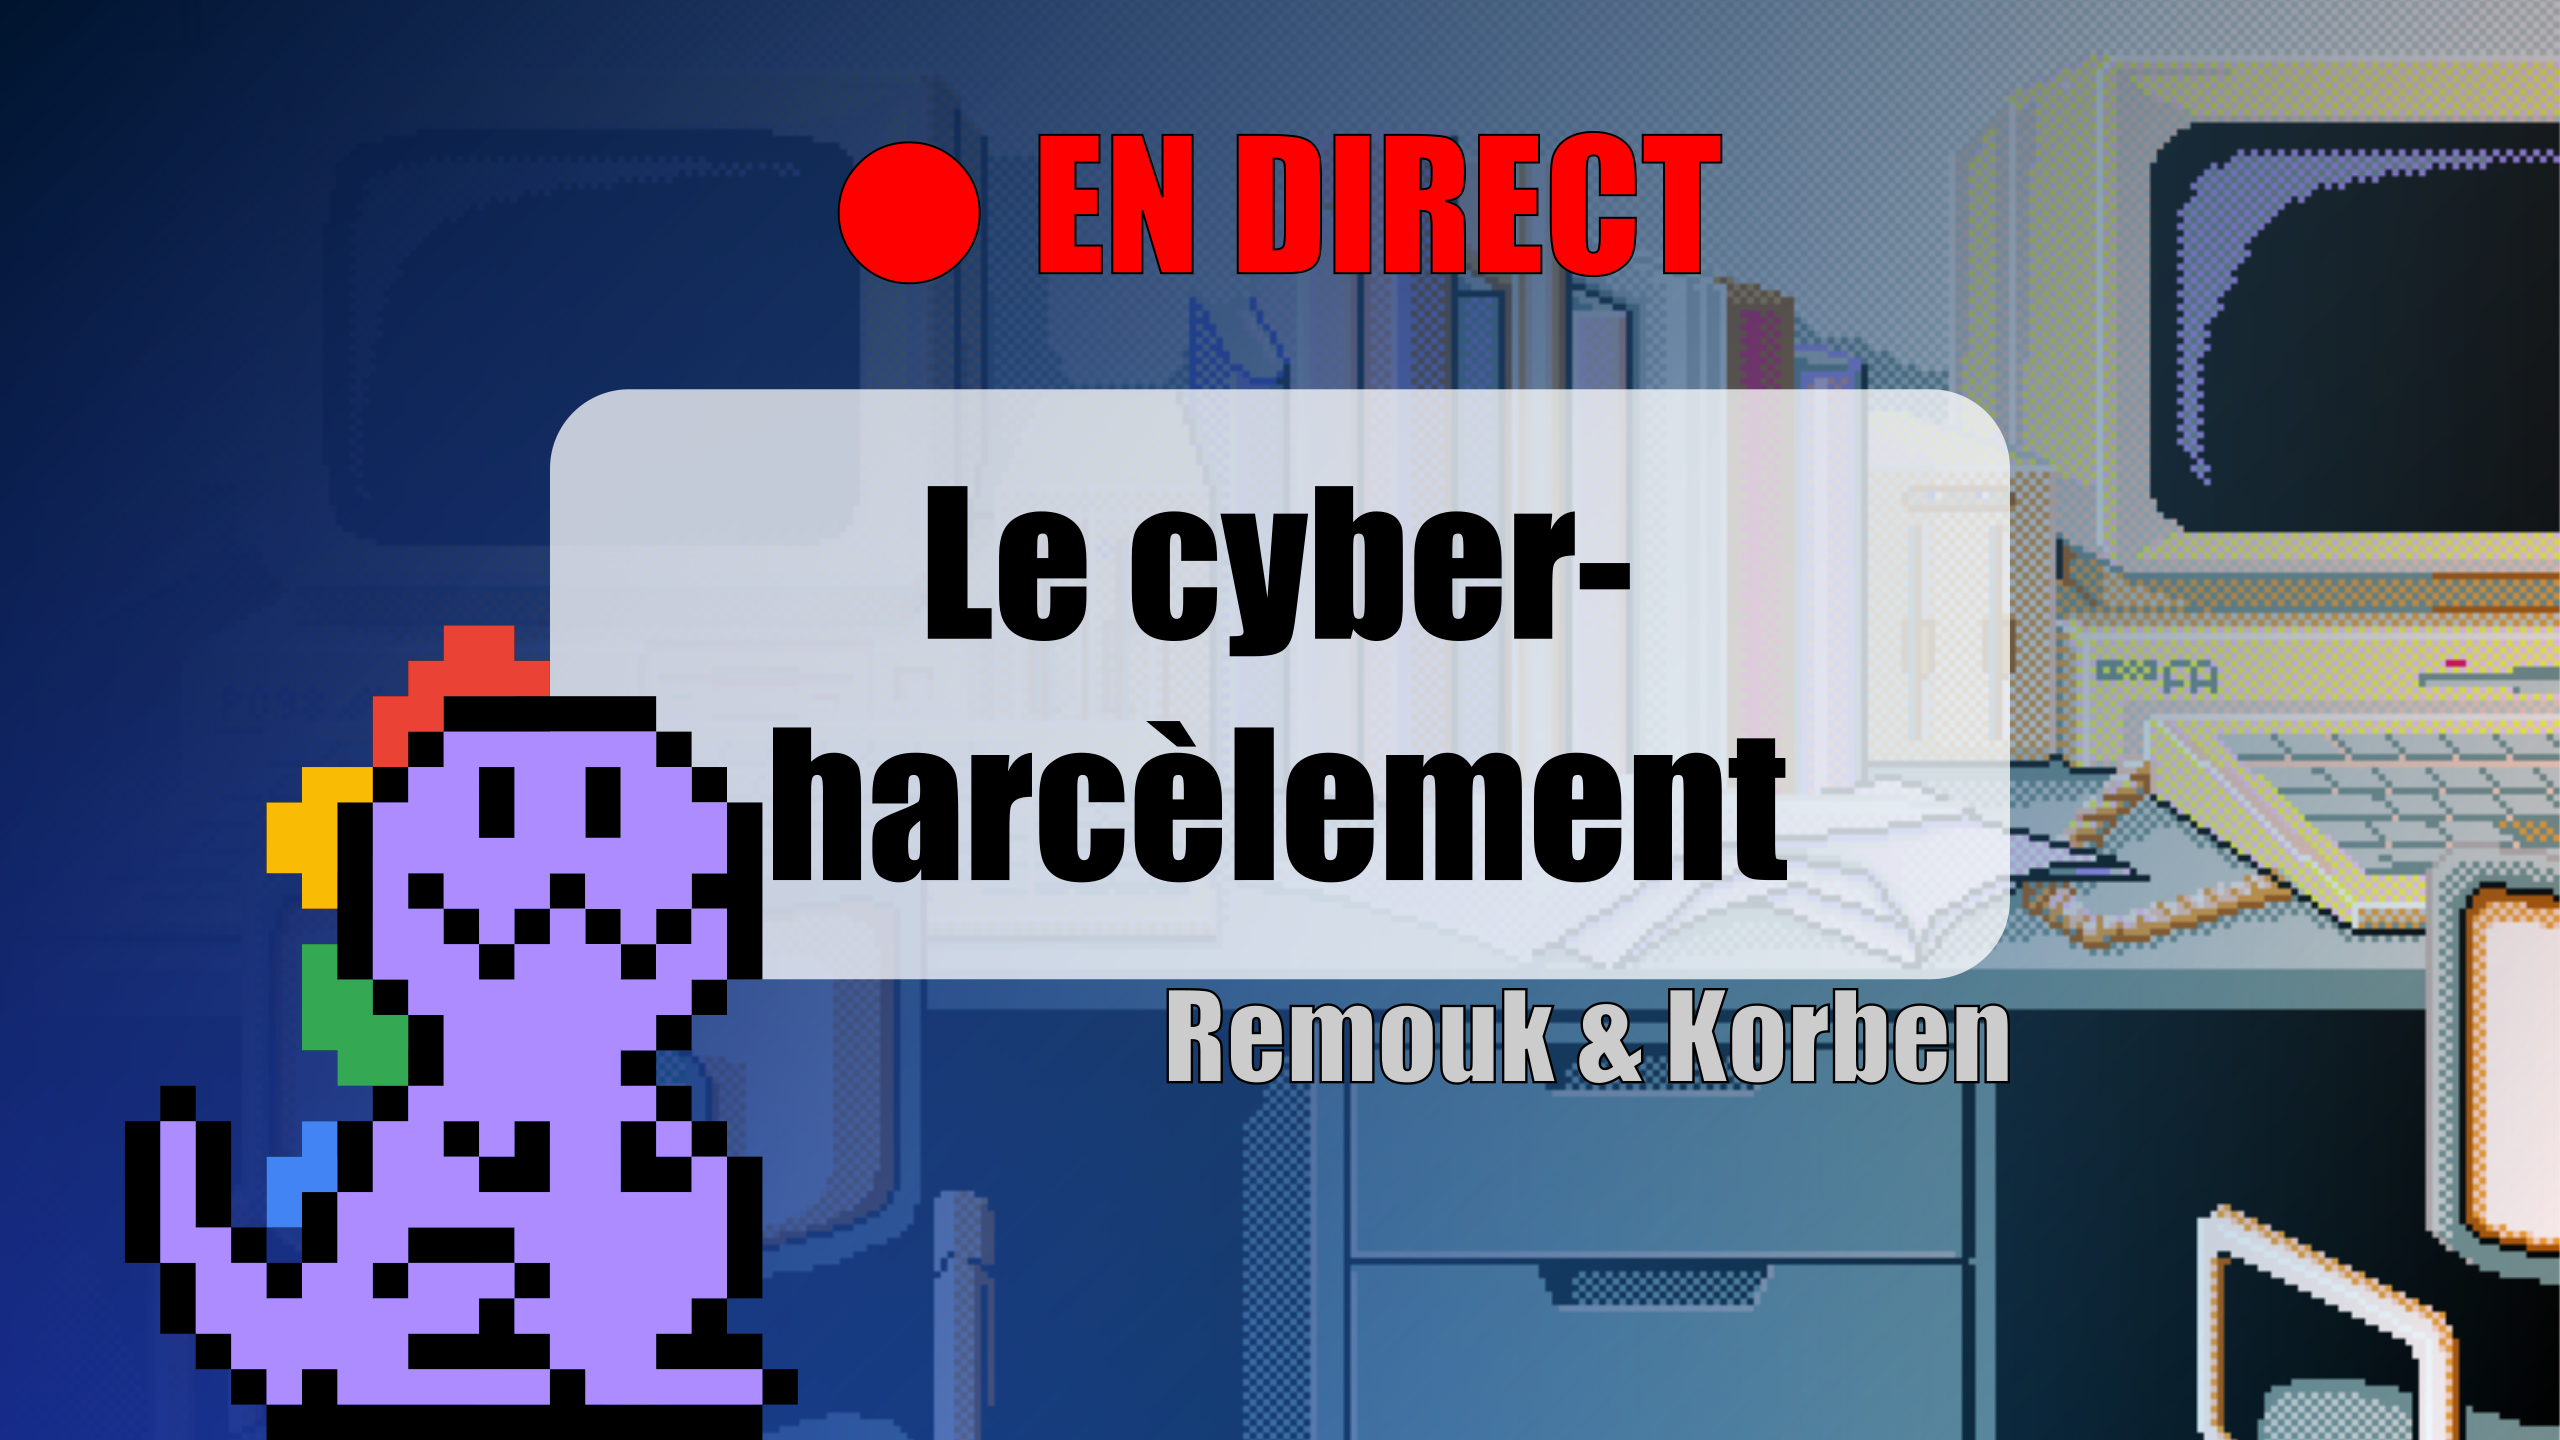 Webosaures spécial Cyber Harcélement